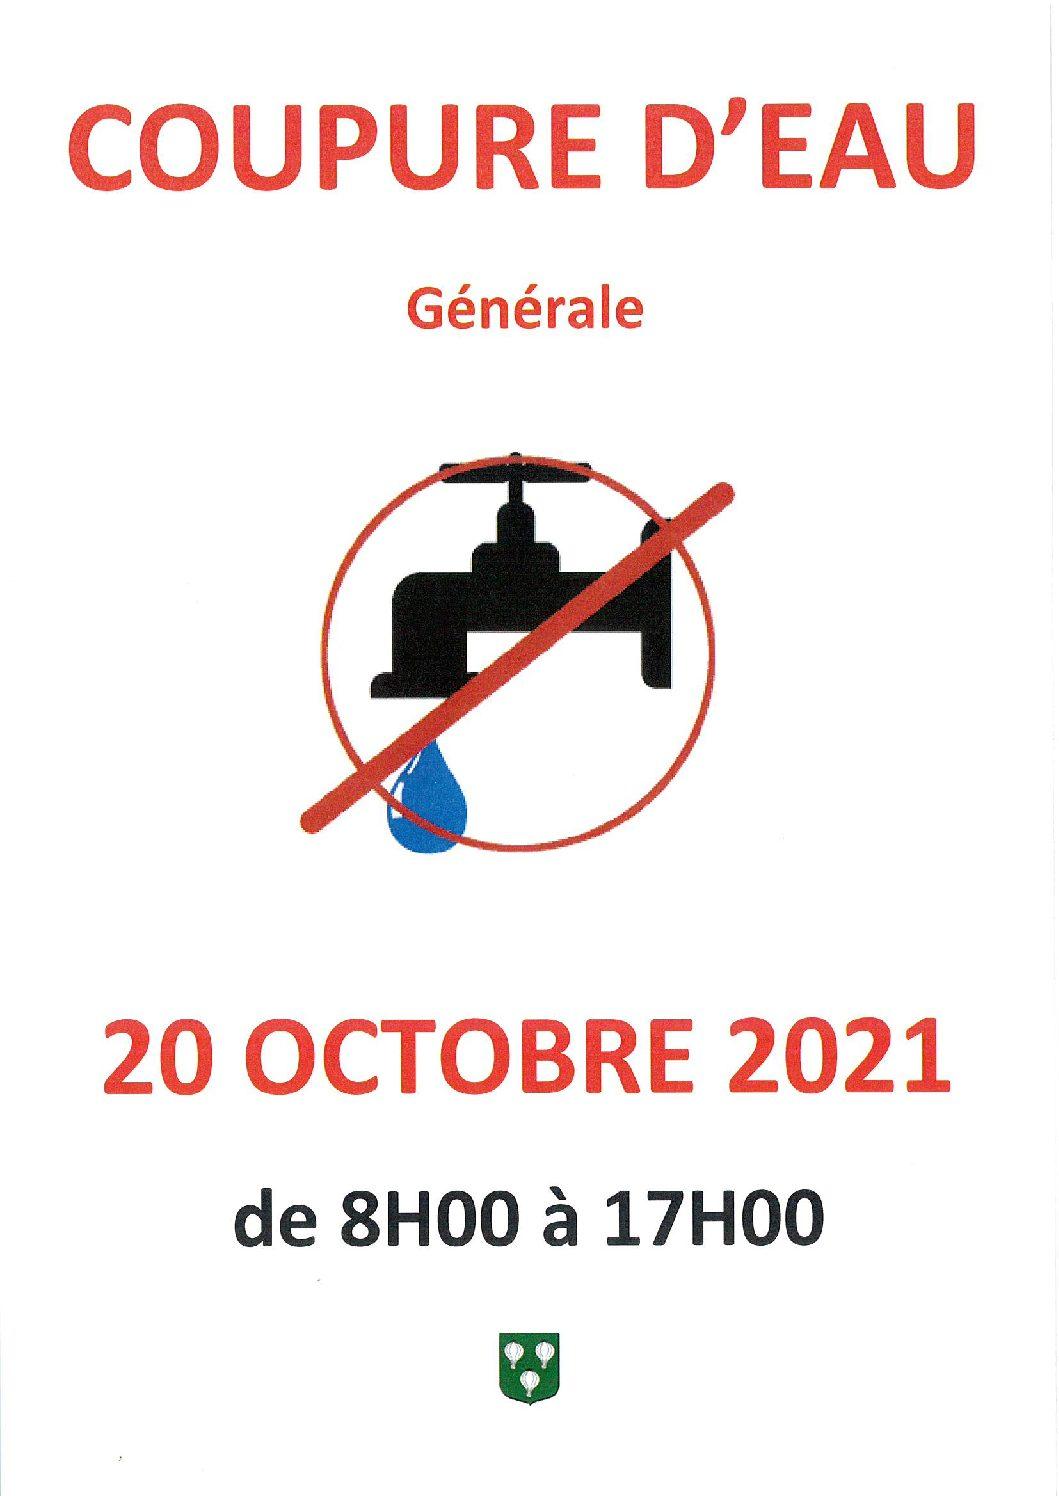 Coupure d'eau le  Mercredi 20 Octobre de 8h à 17h